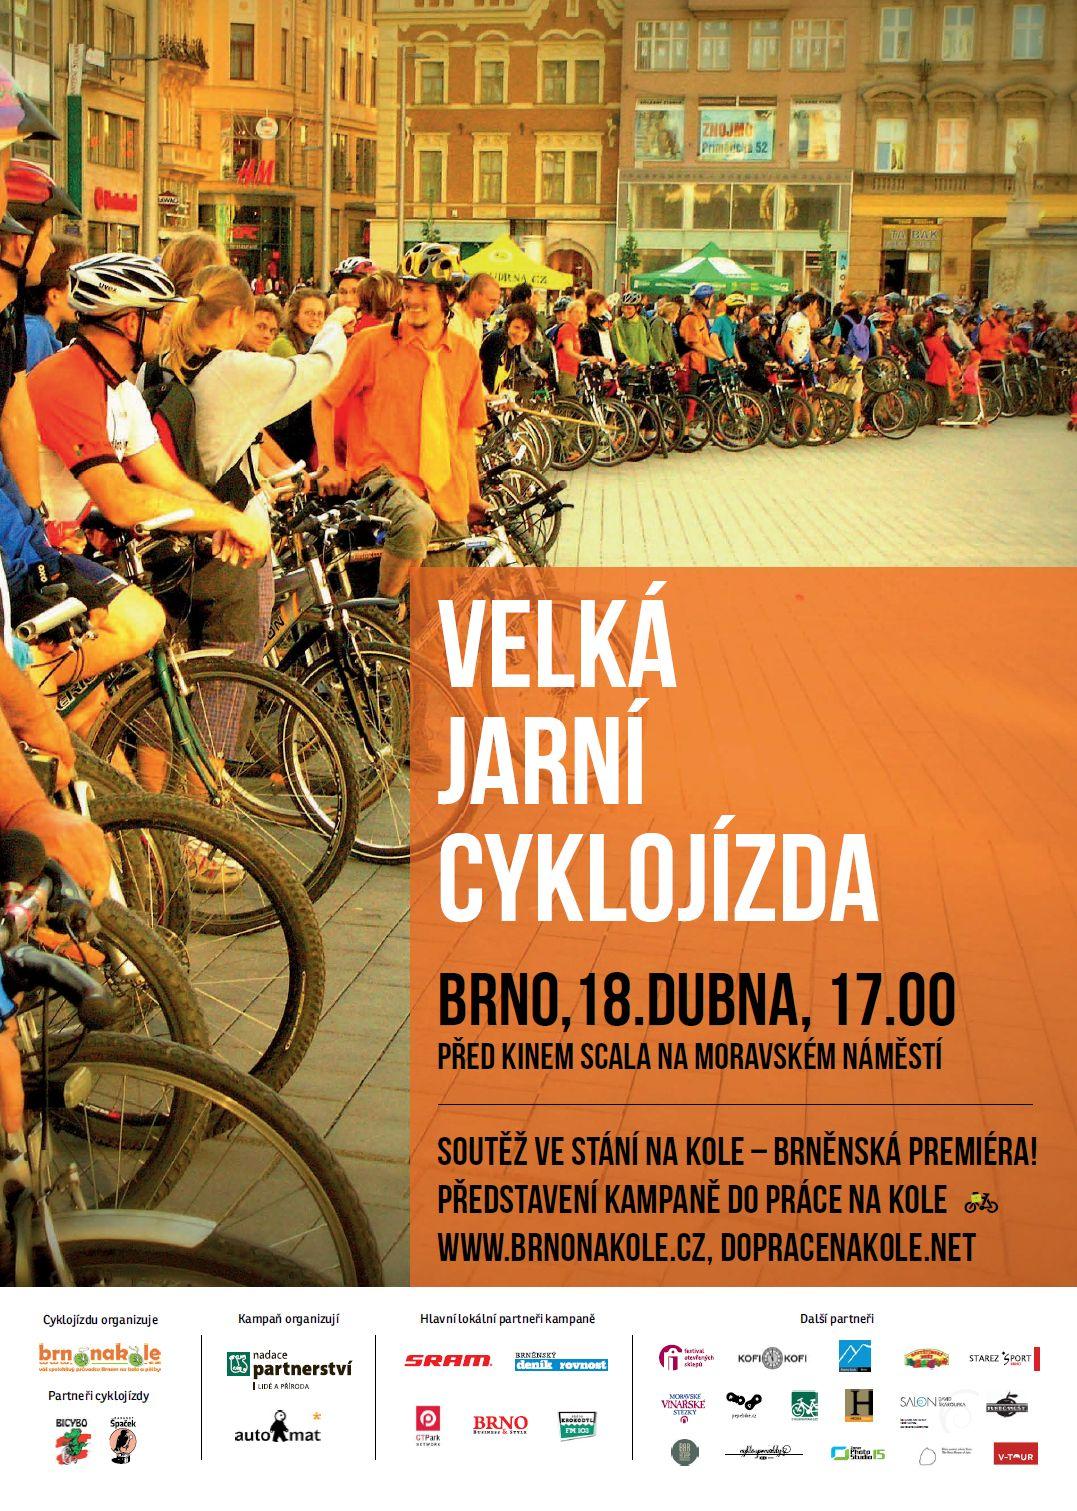 Přijďte na velkou jarní cyklojízdu 18. dubna 2013